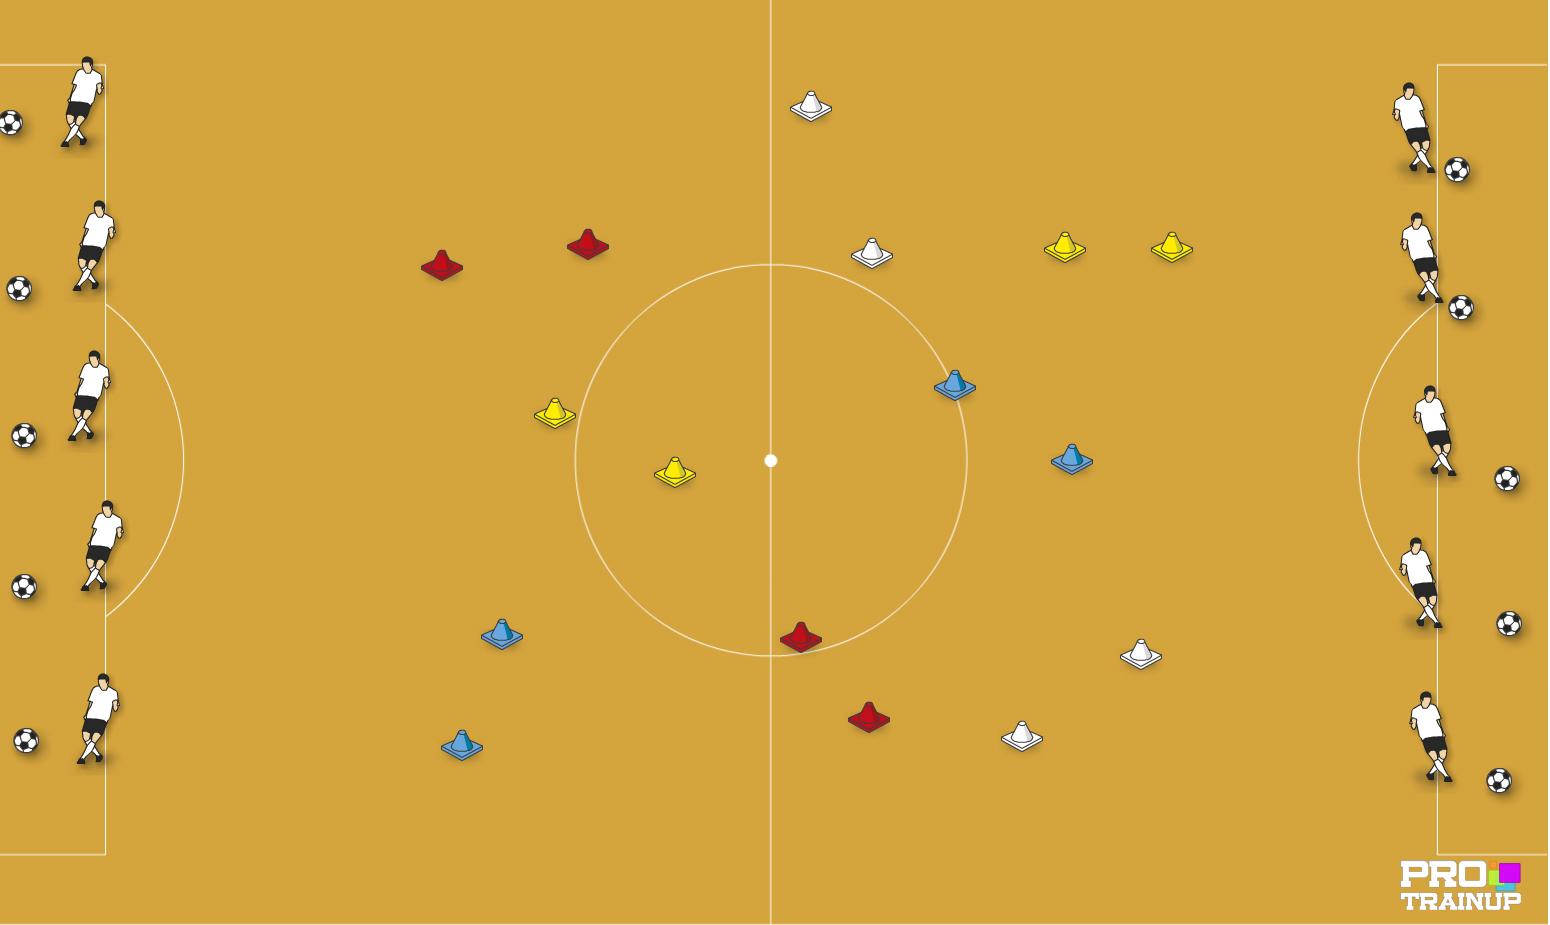 Zagrania o ścianę + reakcja na sygnał trenera